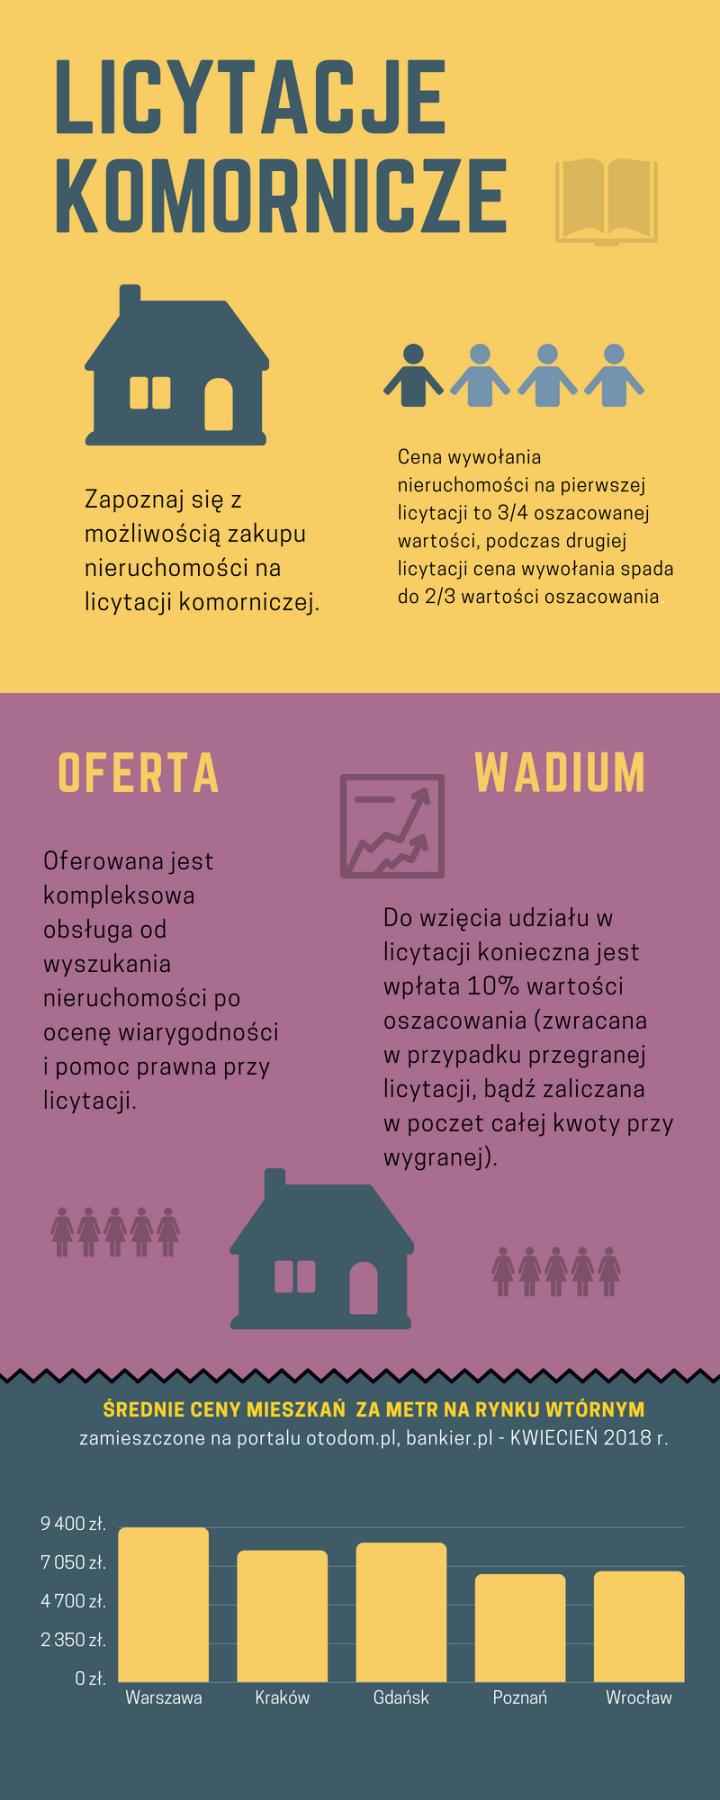 Licytacje komornicze